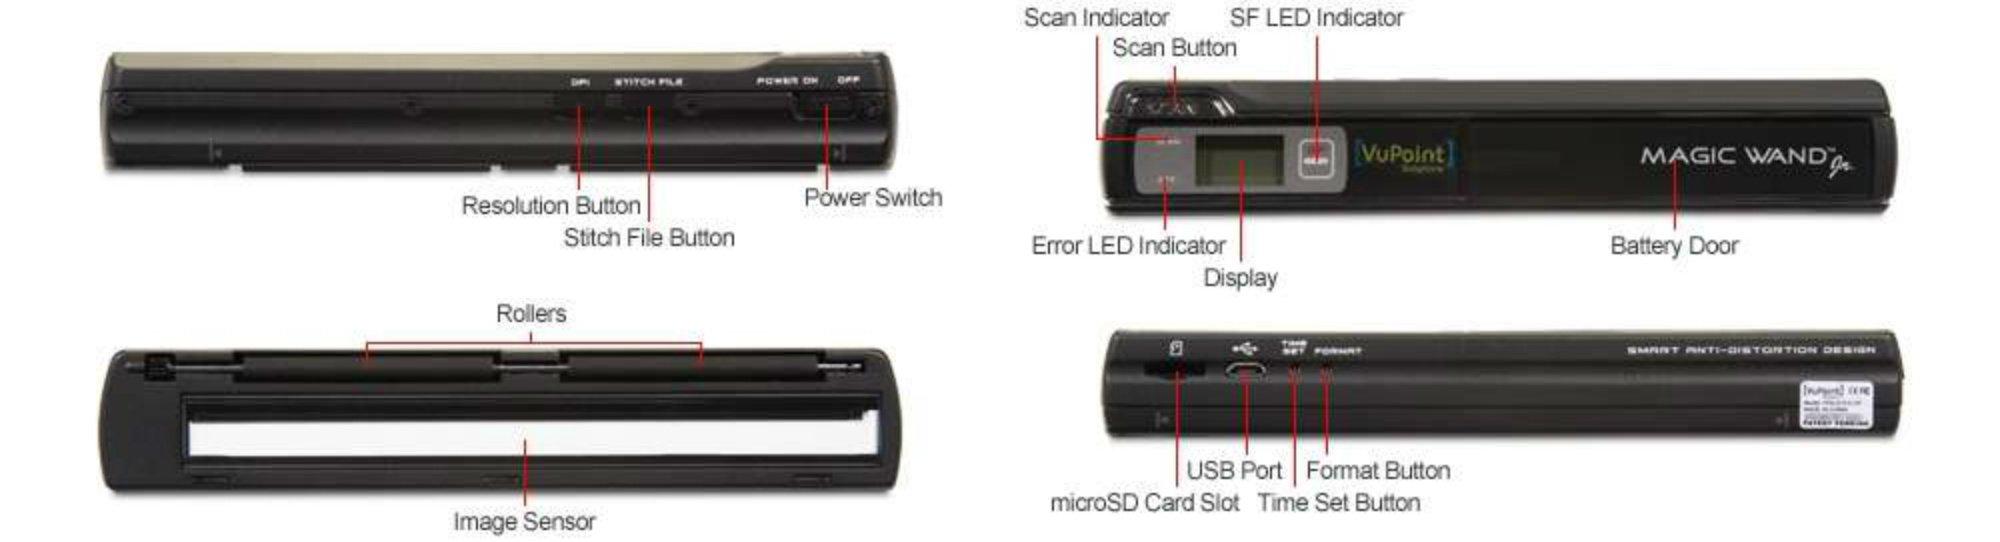 VuPoint PDS-ST510-VP Receipt Scanner